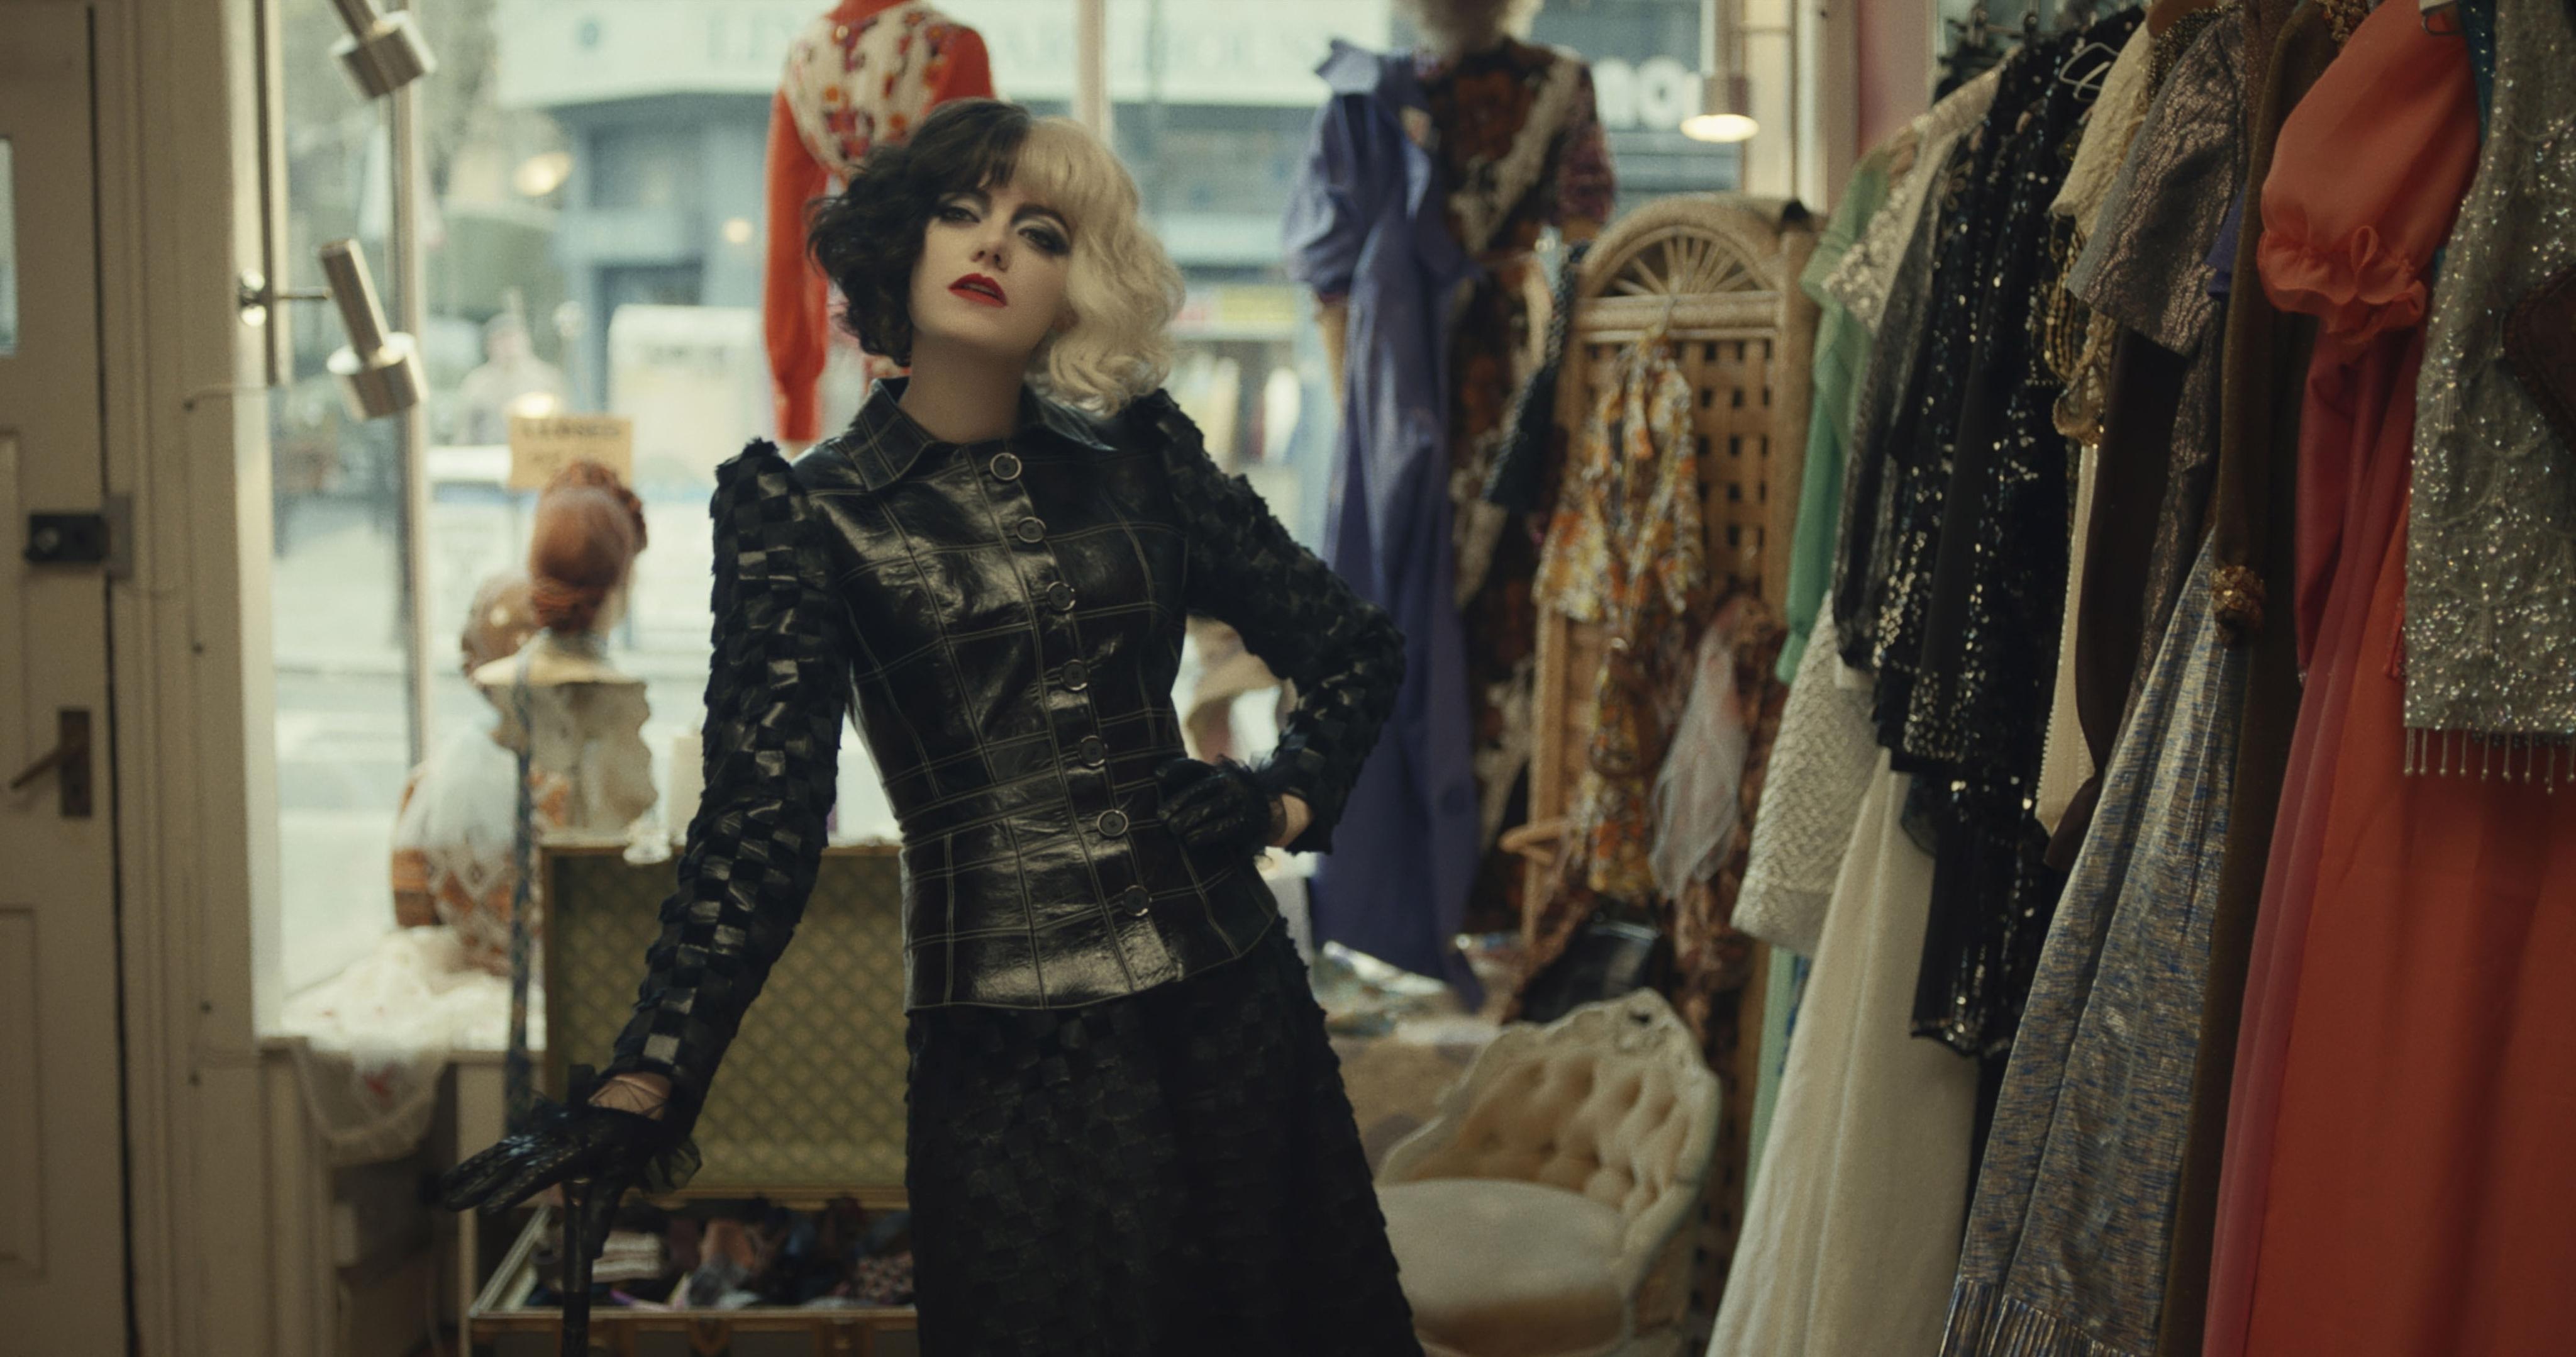 Emma Stone stars as Cruella de Vil in Disney's 'Cruella'